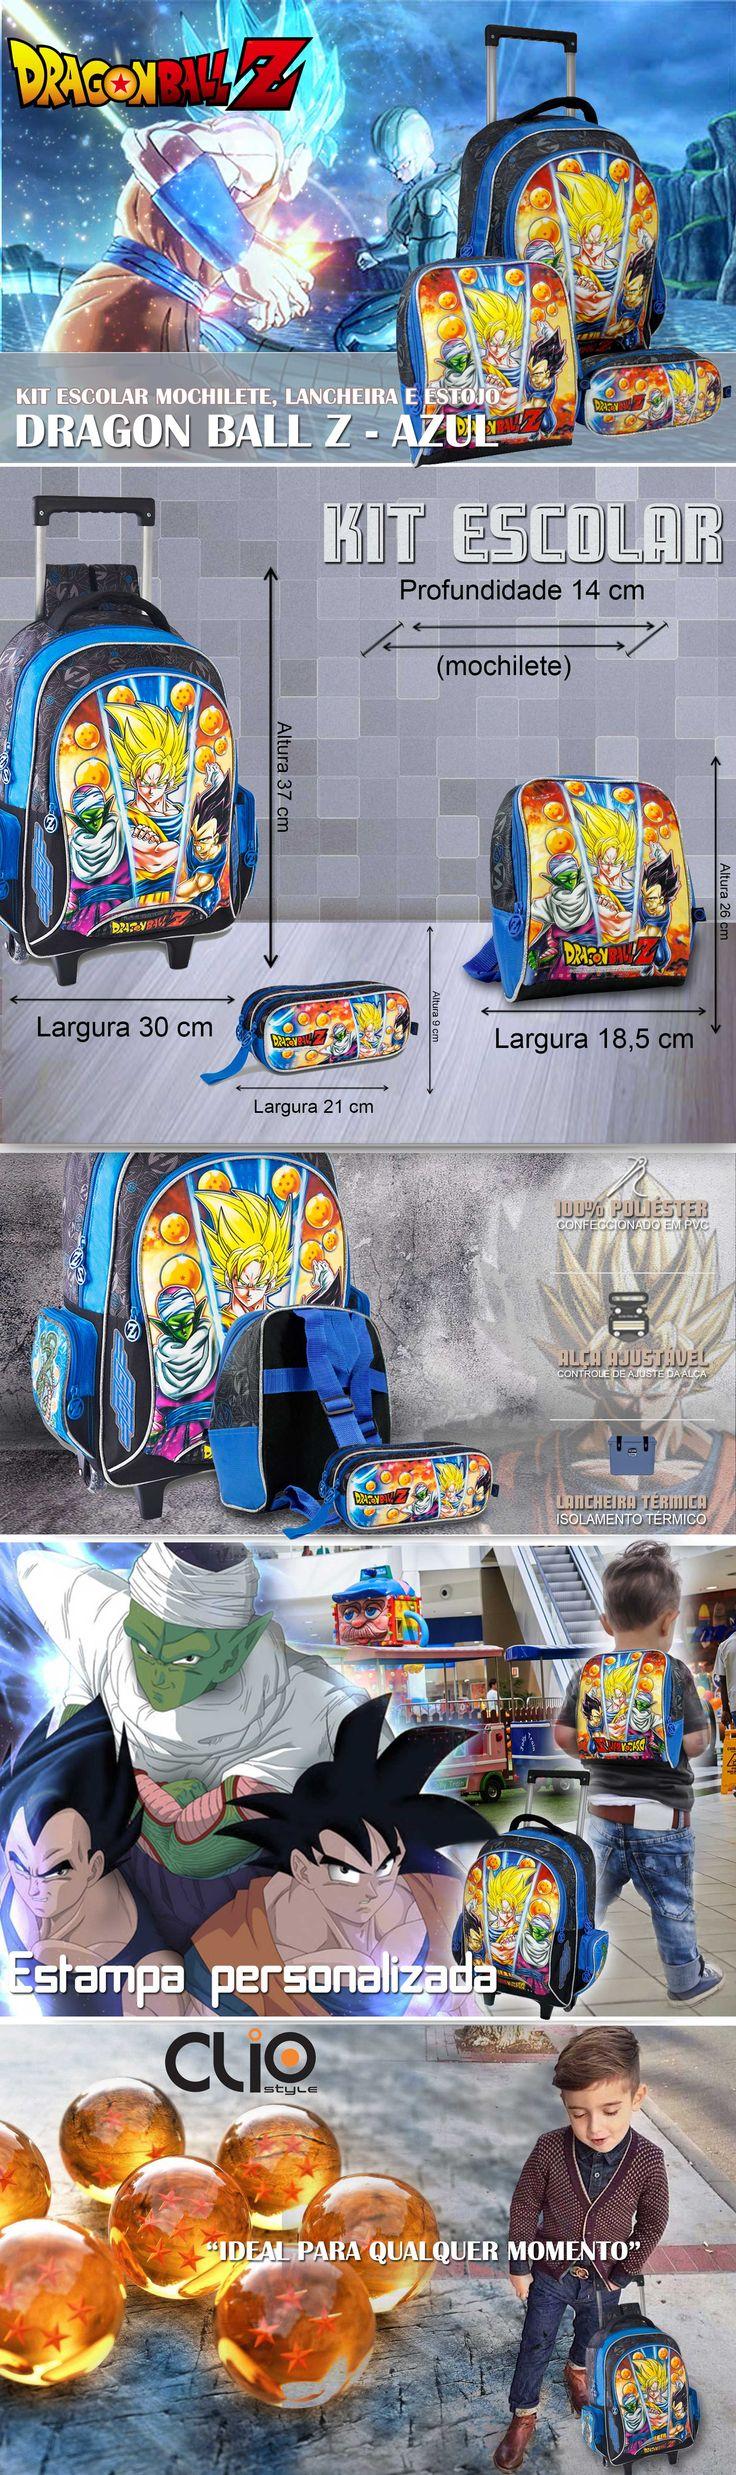 Mochilas escolares Dragon Ball . A maior variedade de bolsas, malas e mochilas da internet em um só lugar. Pensou em bolsa, pensou EllaStore. A sua loja de bolsas da internet